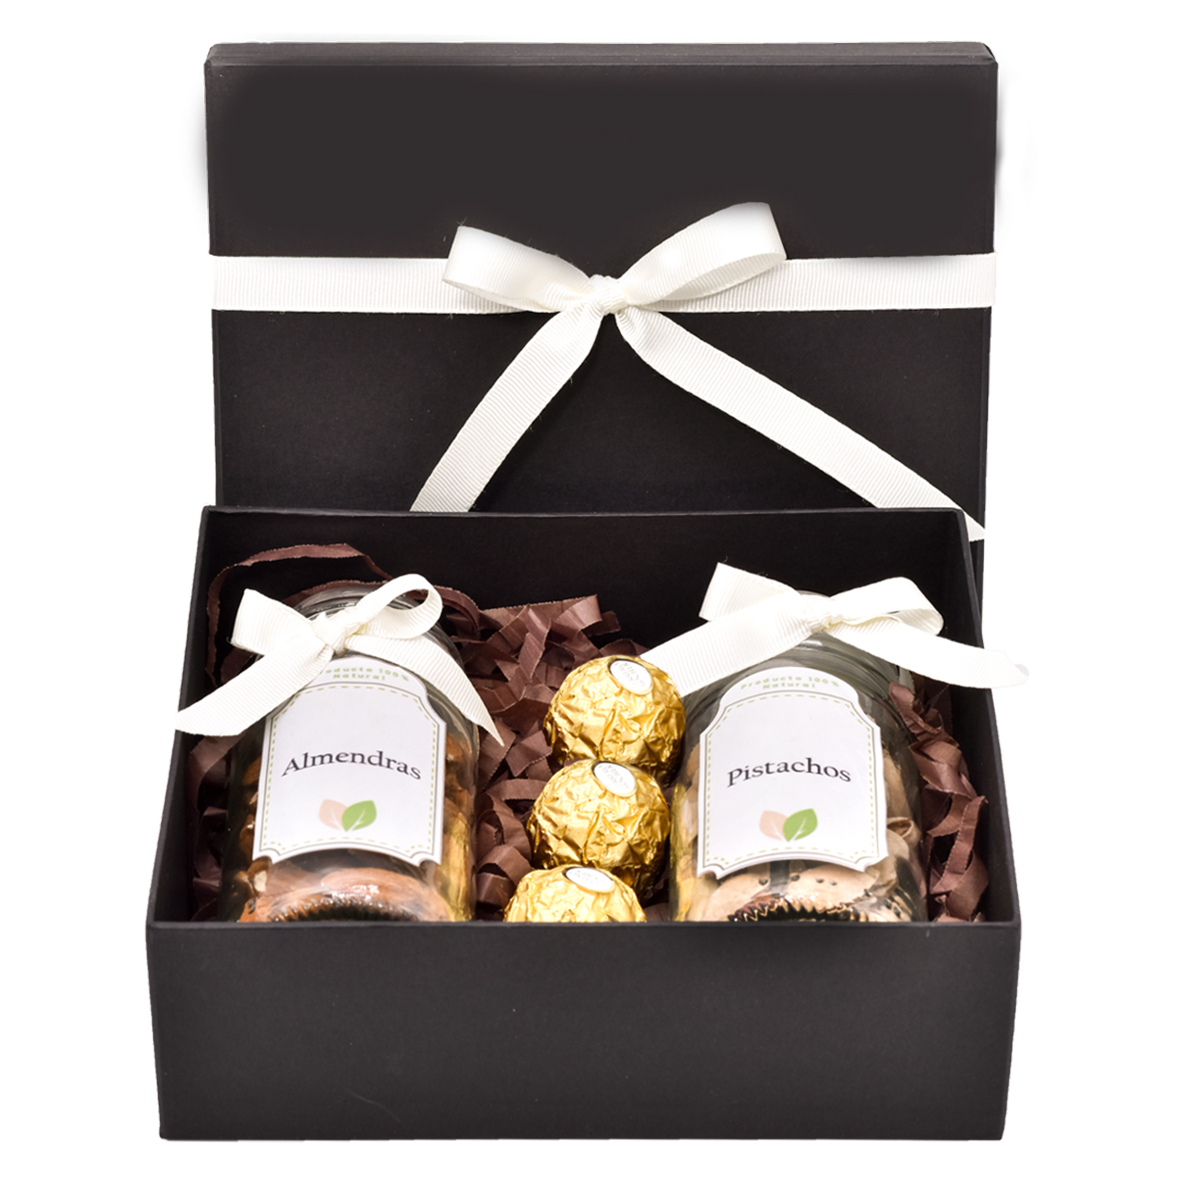 caja de regalo con frutos secos pistachos y almendras